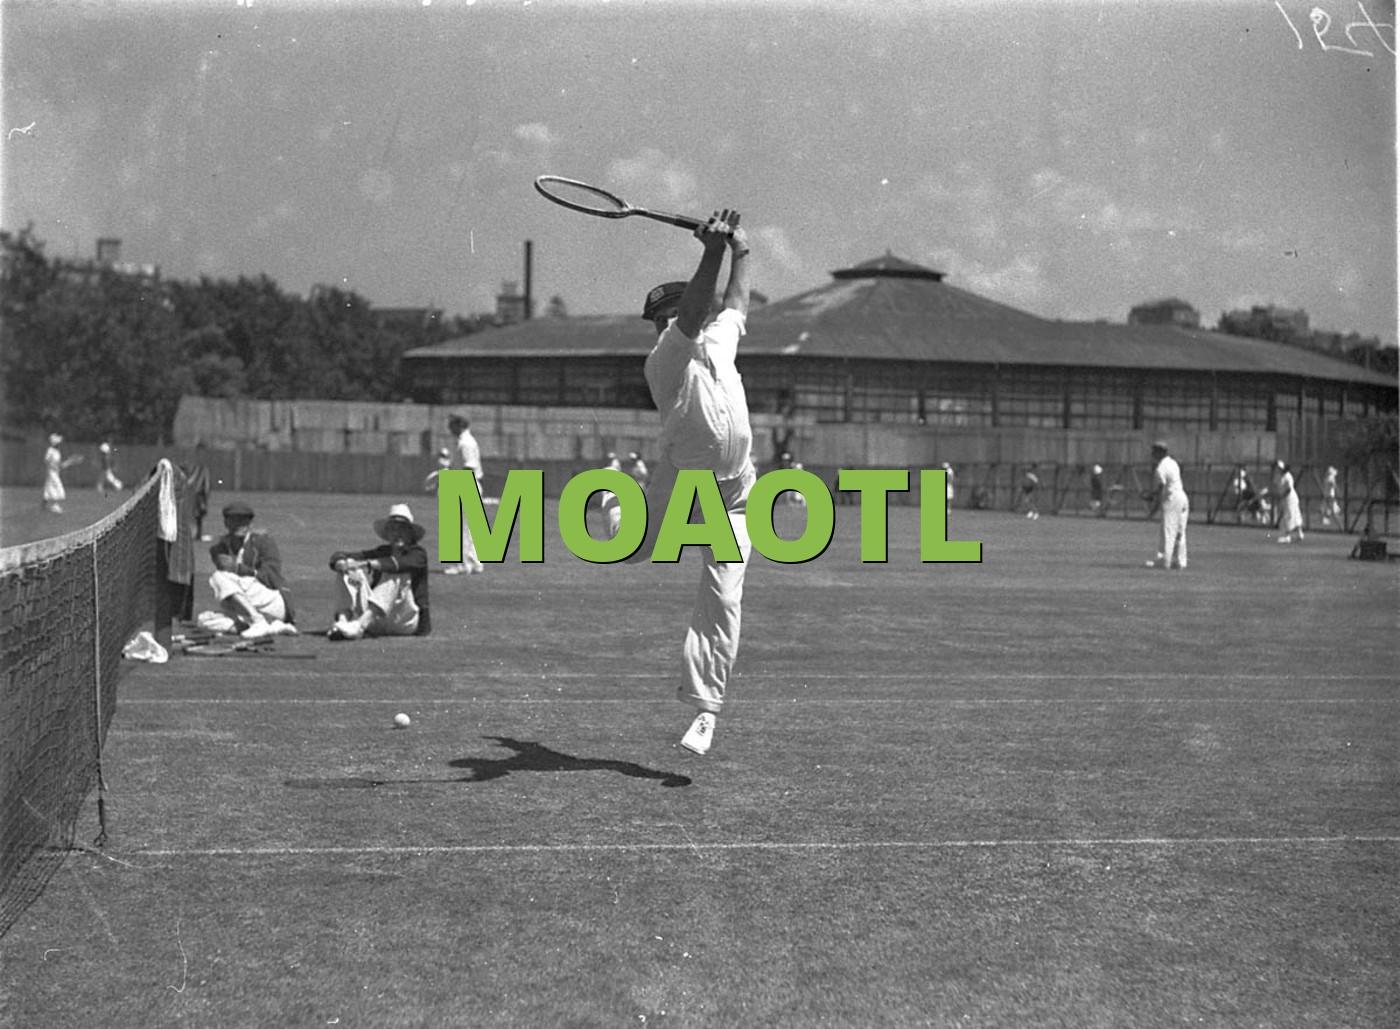 MOAOTL